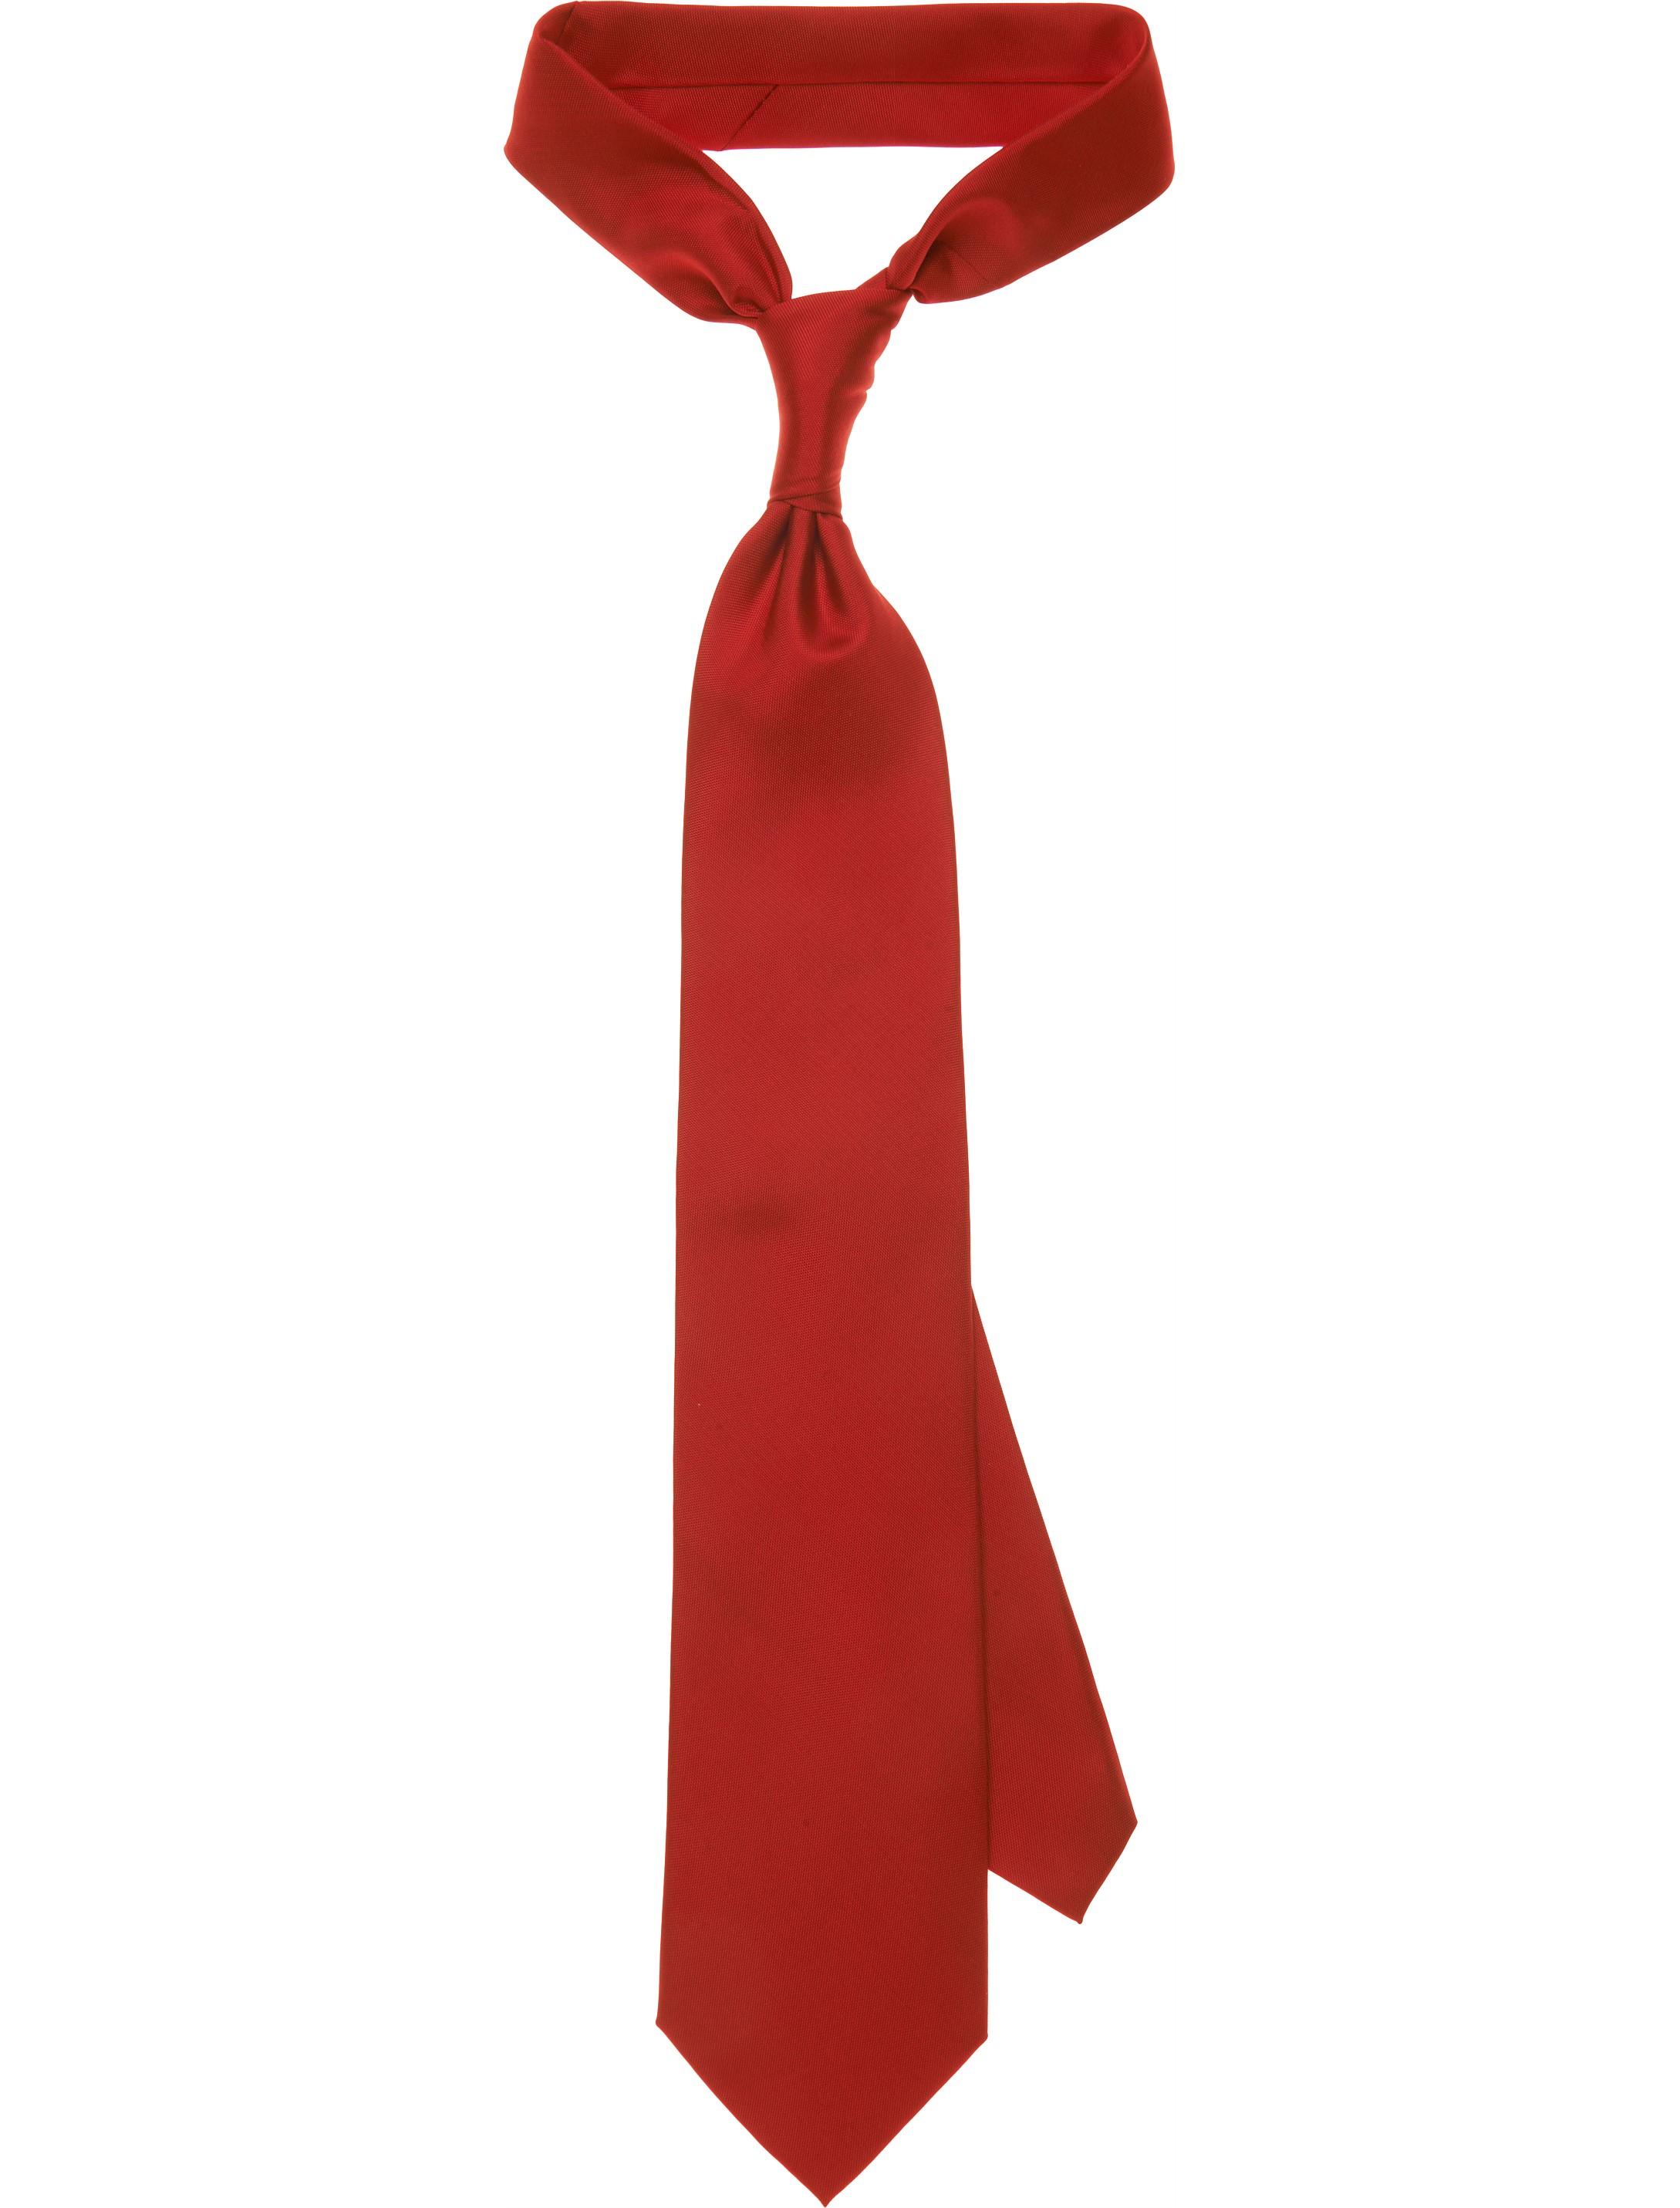 时装马克笔手绘领带